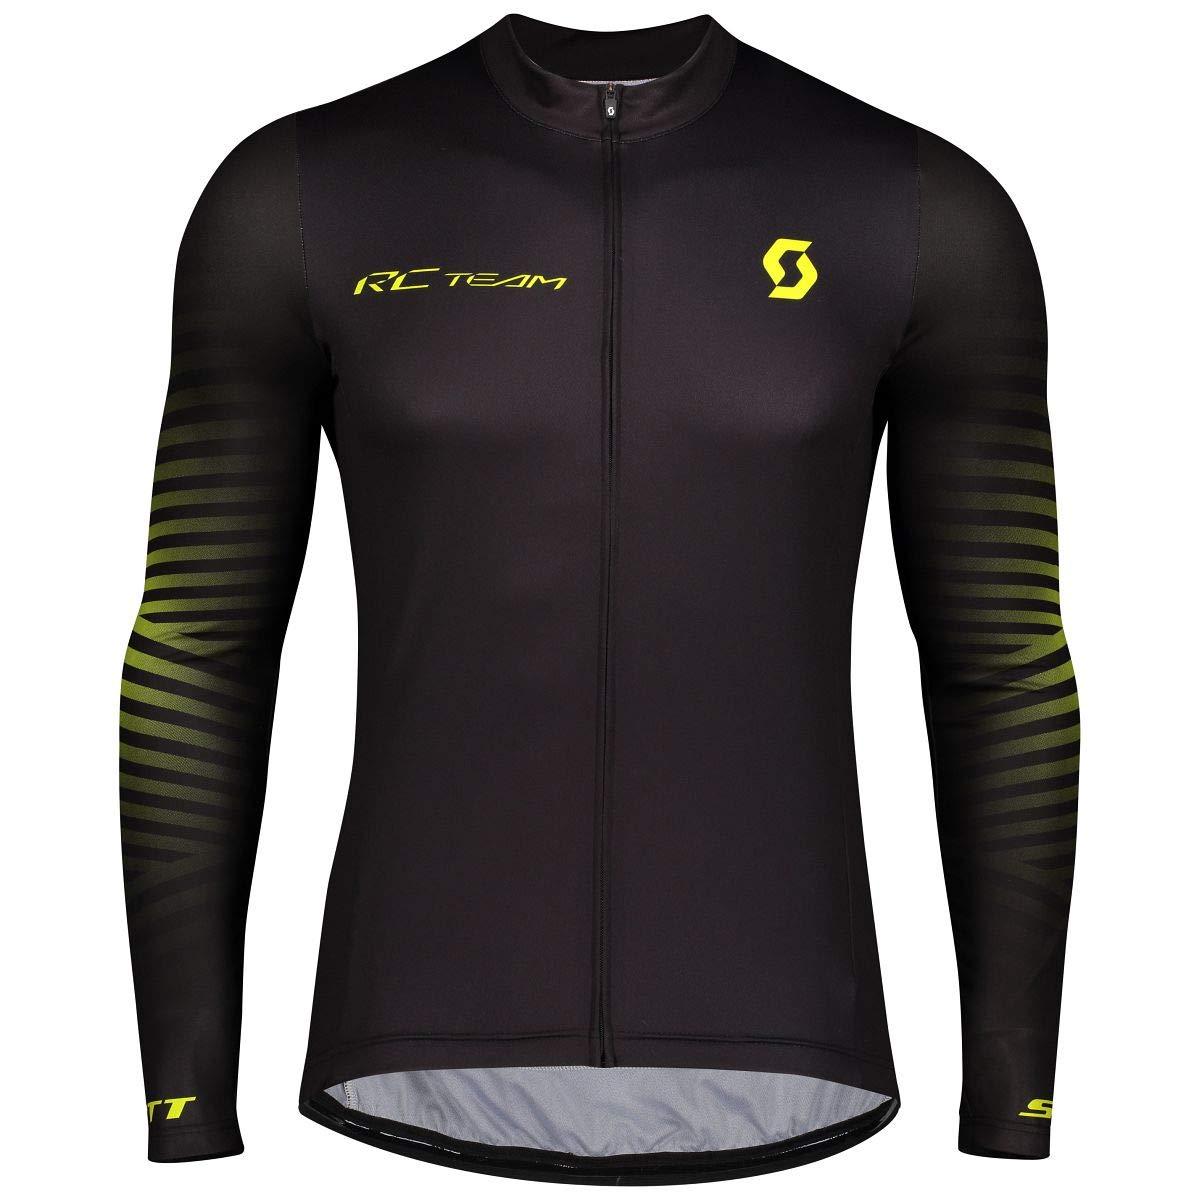 Scott RC Team 10 Fahrrad Trikot lang schwarz//gelb 2020